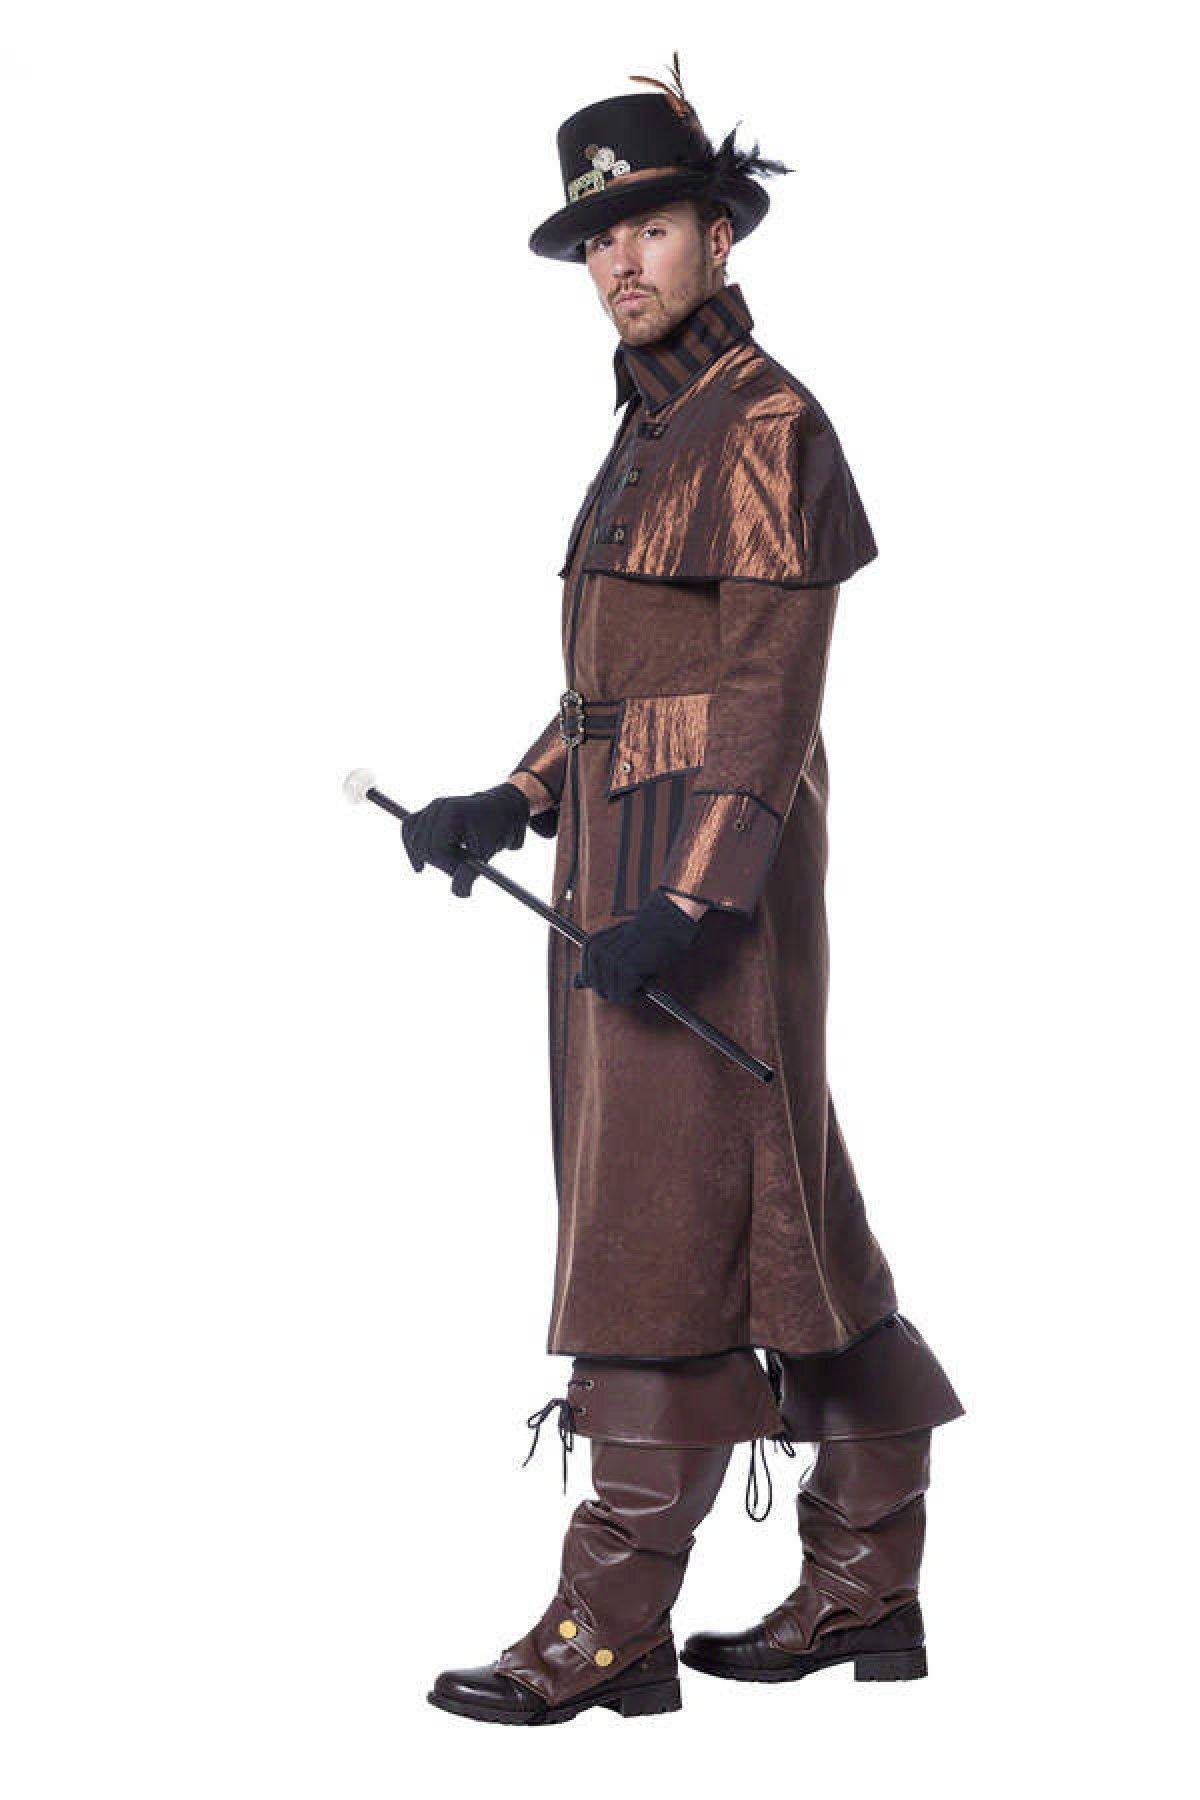 Køb Steampunk frakke, Deluxe til kun 369, på Temashop.dk